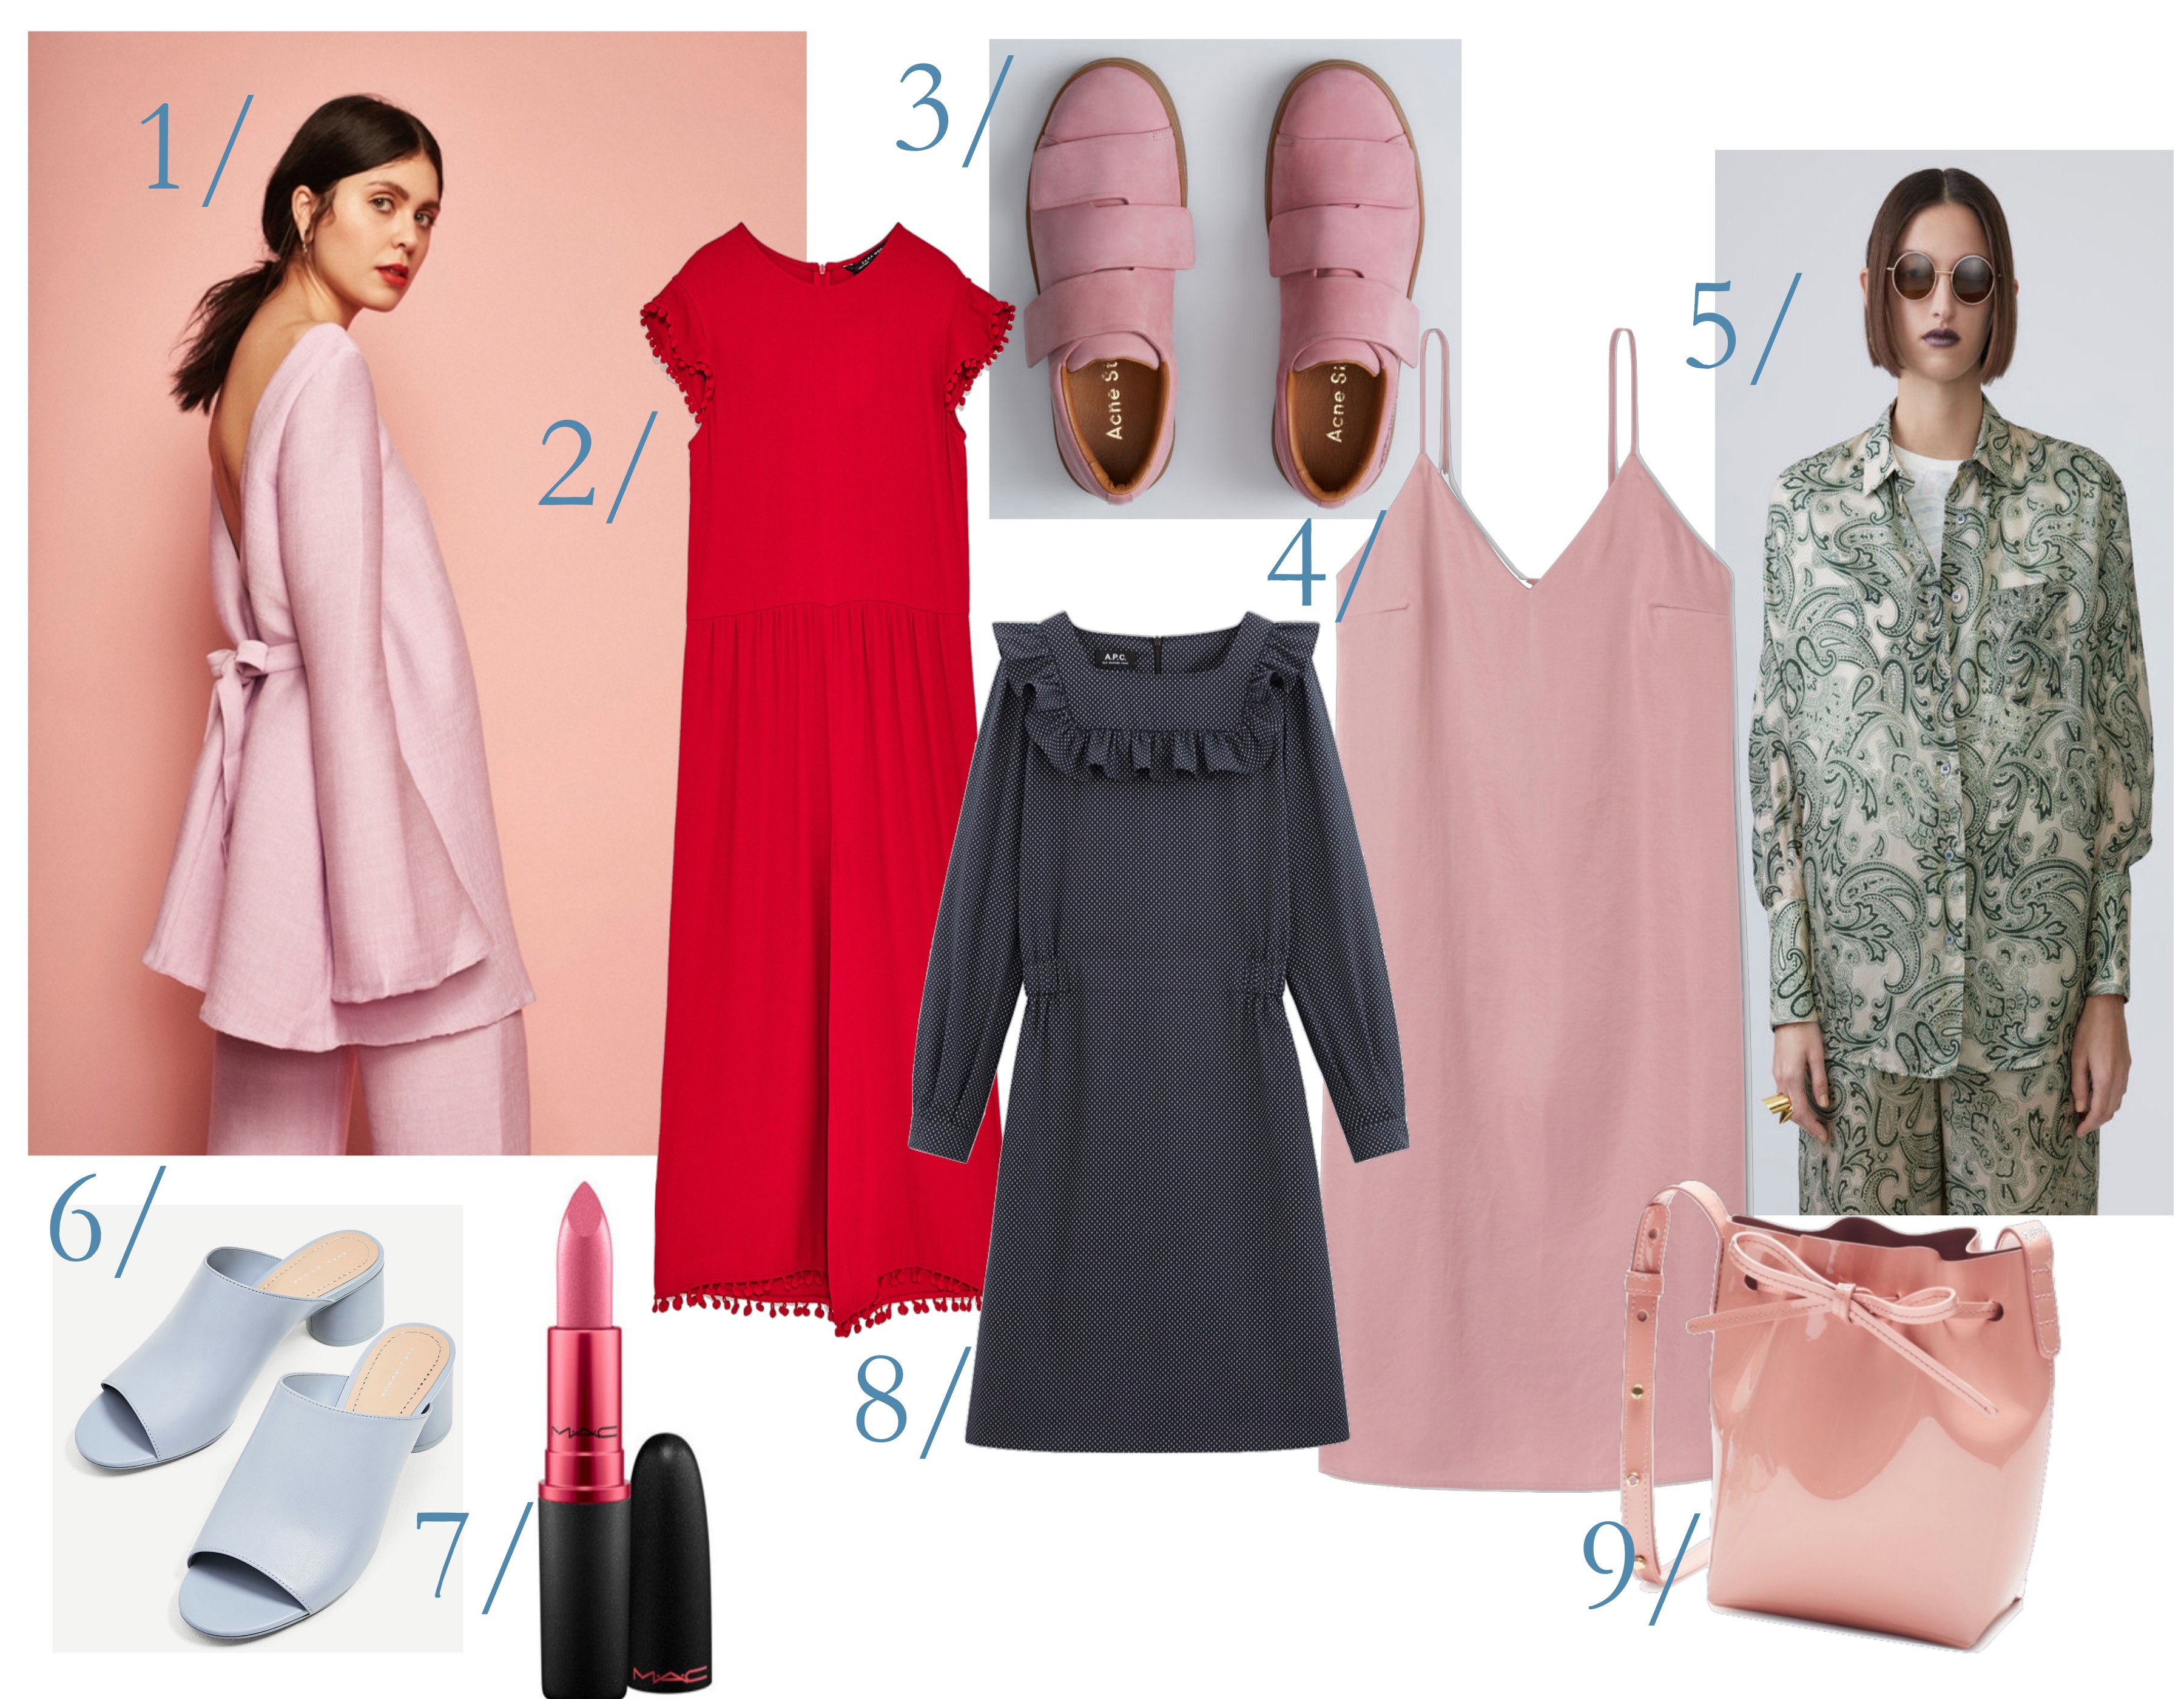 ac1587ab 1/ Bukse og overdel fra Christina Ledang (4200,-) 2/ Rød jumpsuit fra Zara  (349,-) 3/ Rosa sneakers fra Acne (3695) 4/ Rosa slip-kjole fra Weekday (ca  400 ...